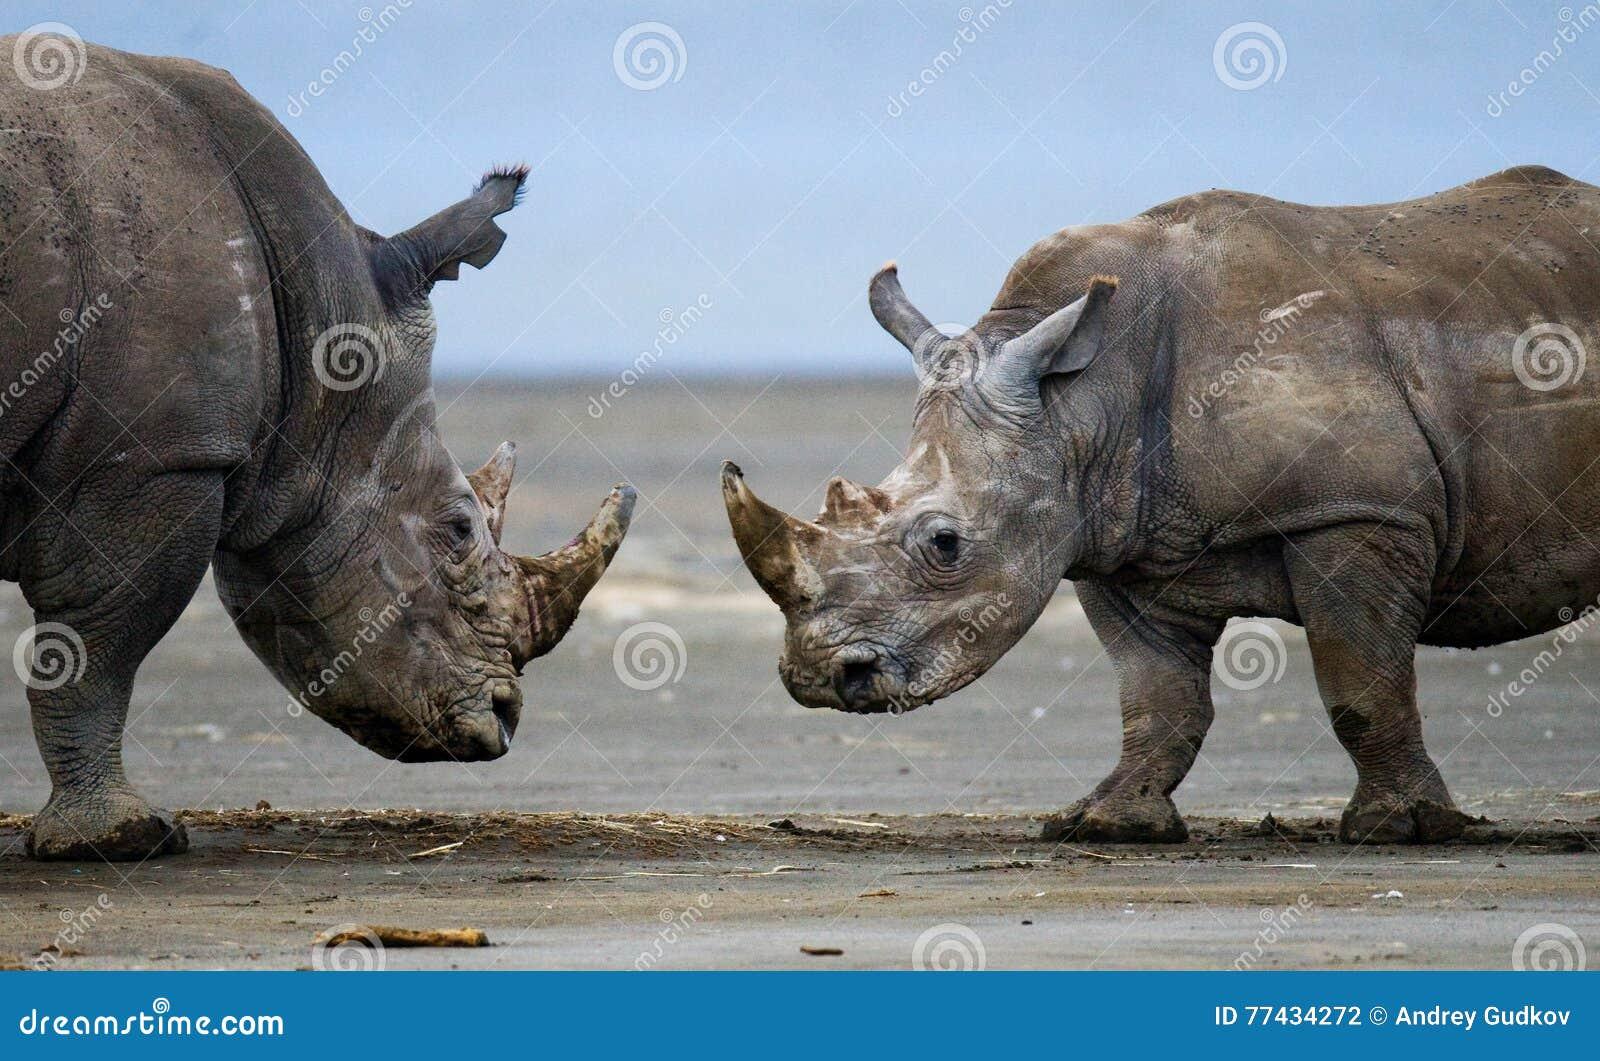 Πάλη δύο ρινοκέρων η μια με την άλλη Κένυα Εθνικό πάρκο Αφρική